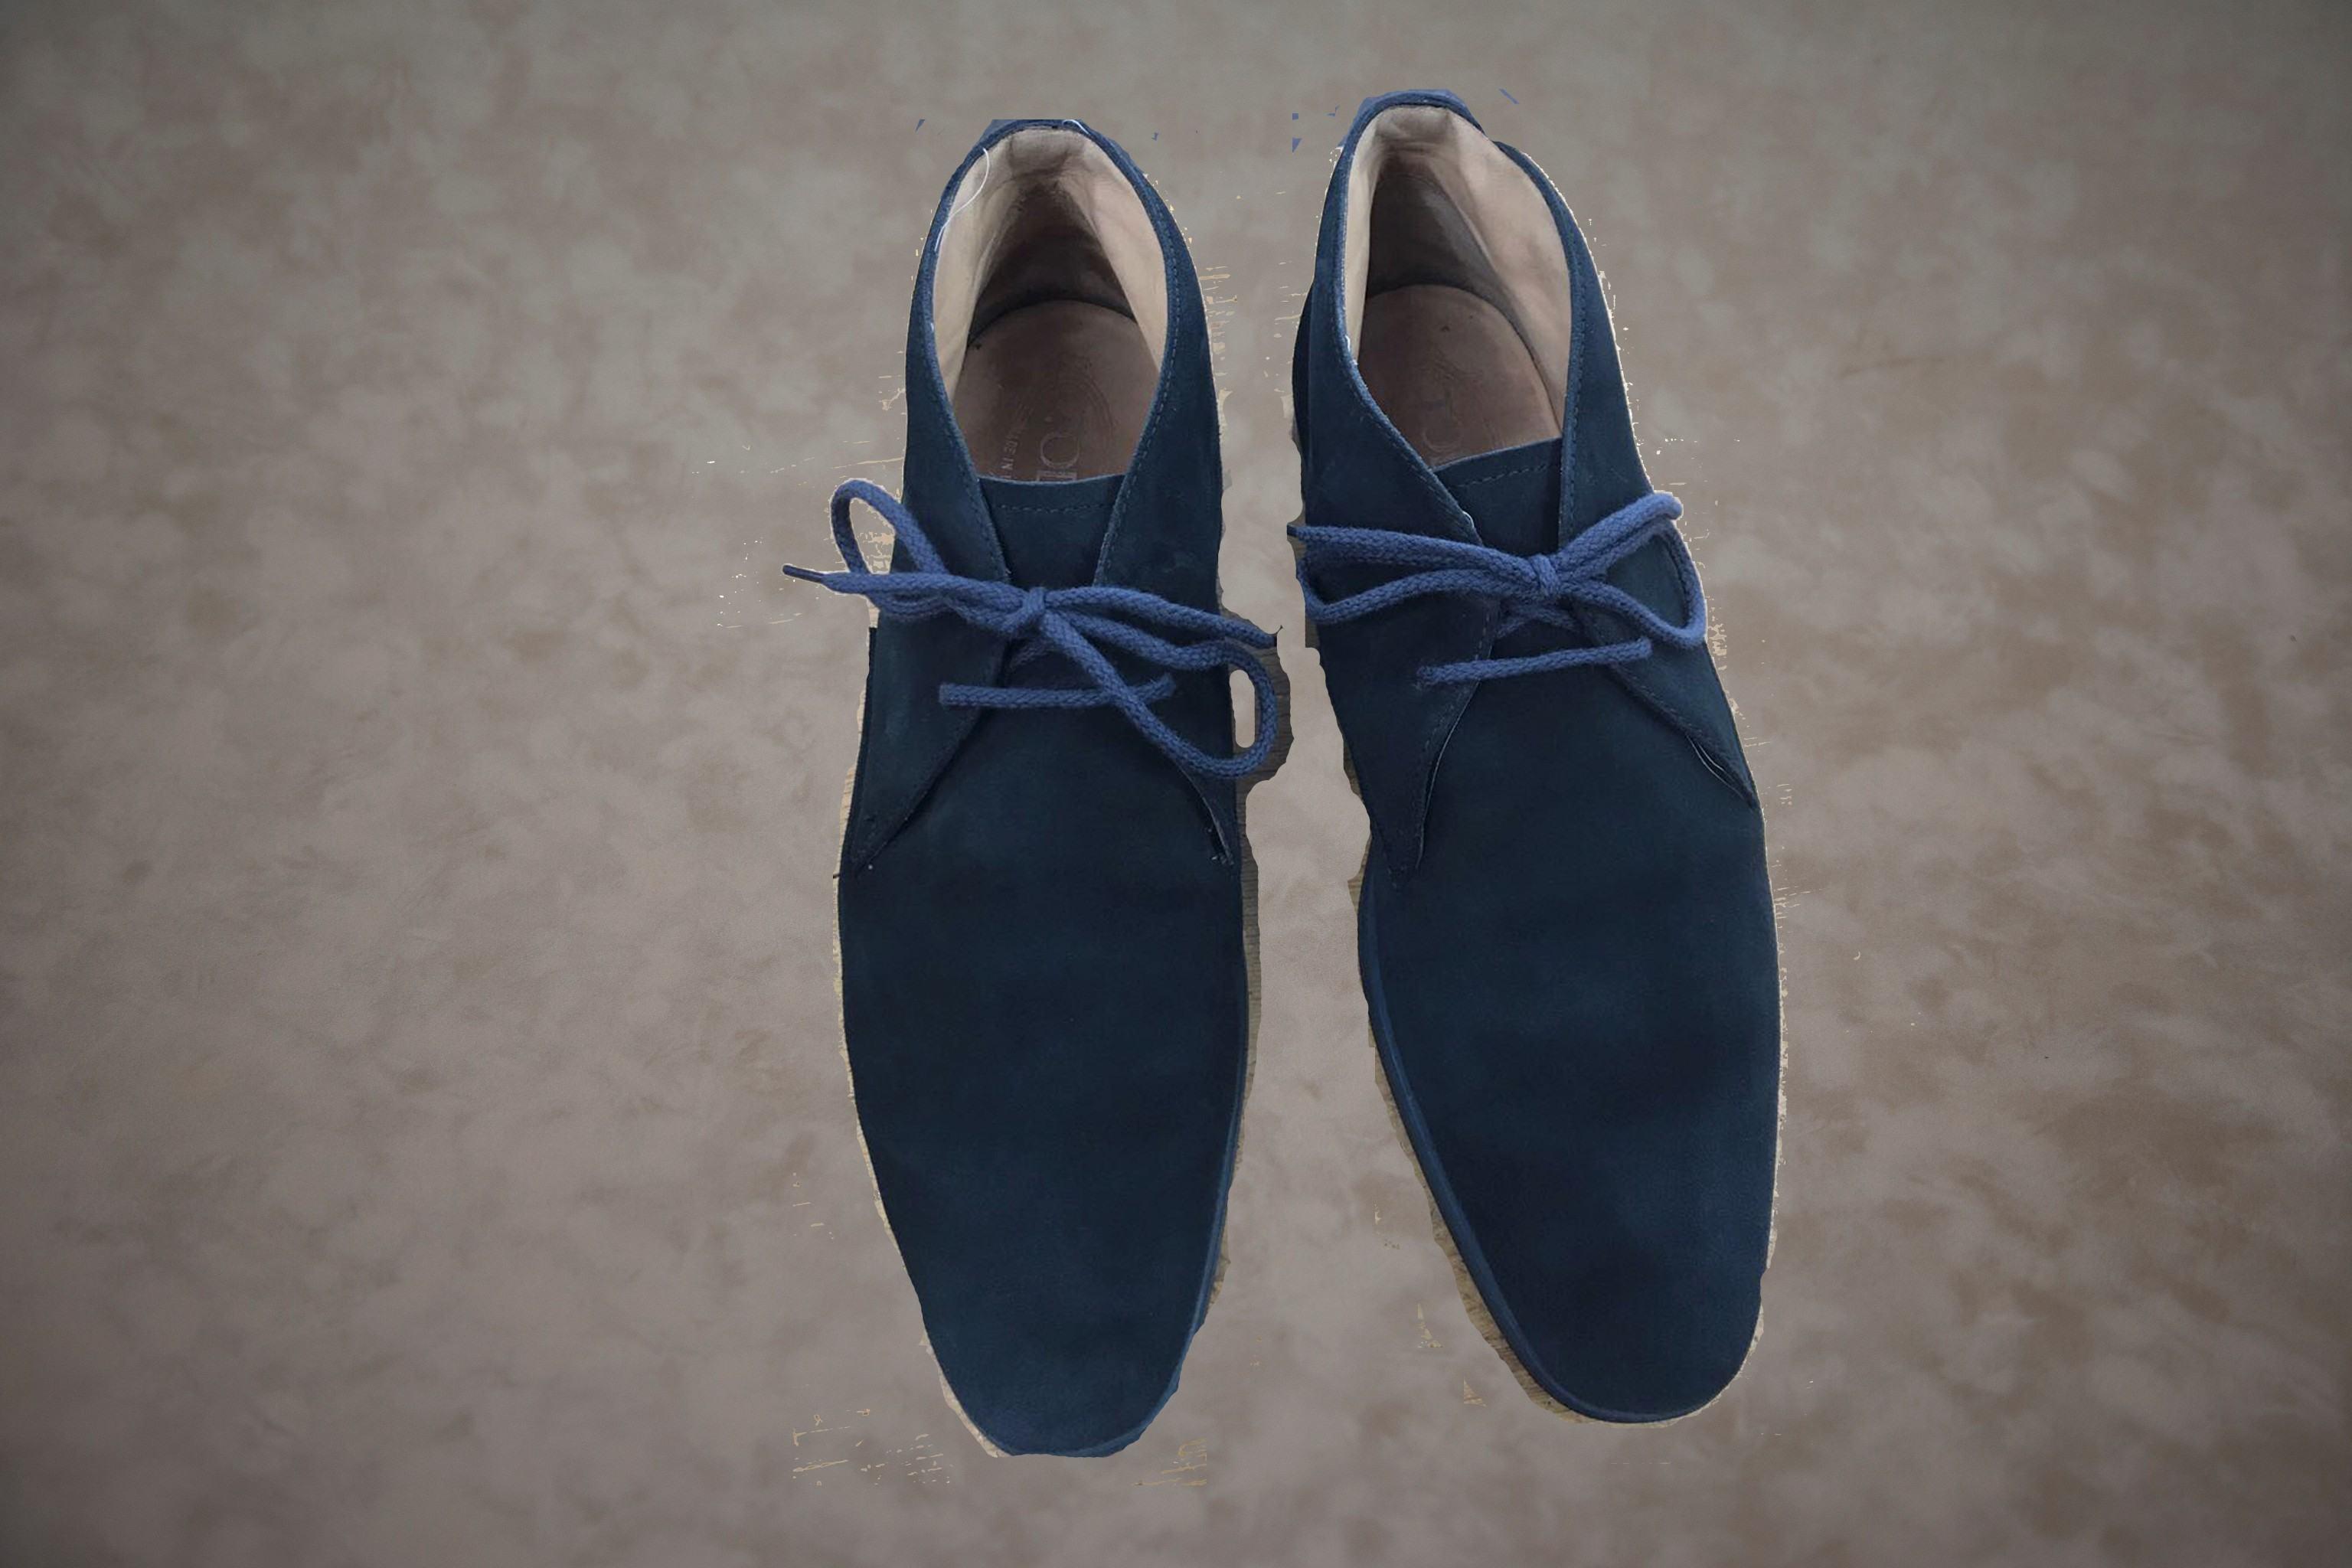 Schoenen schoonmaken na behandeling